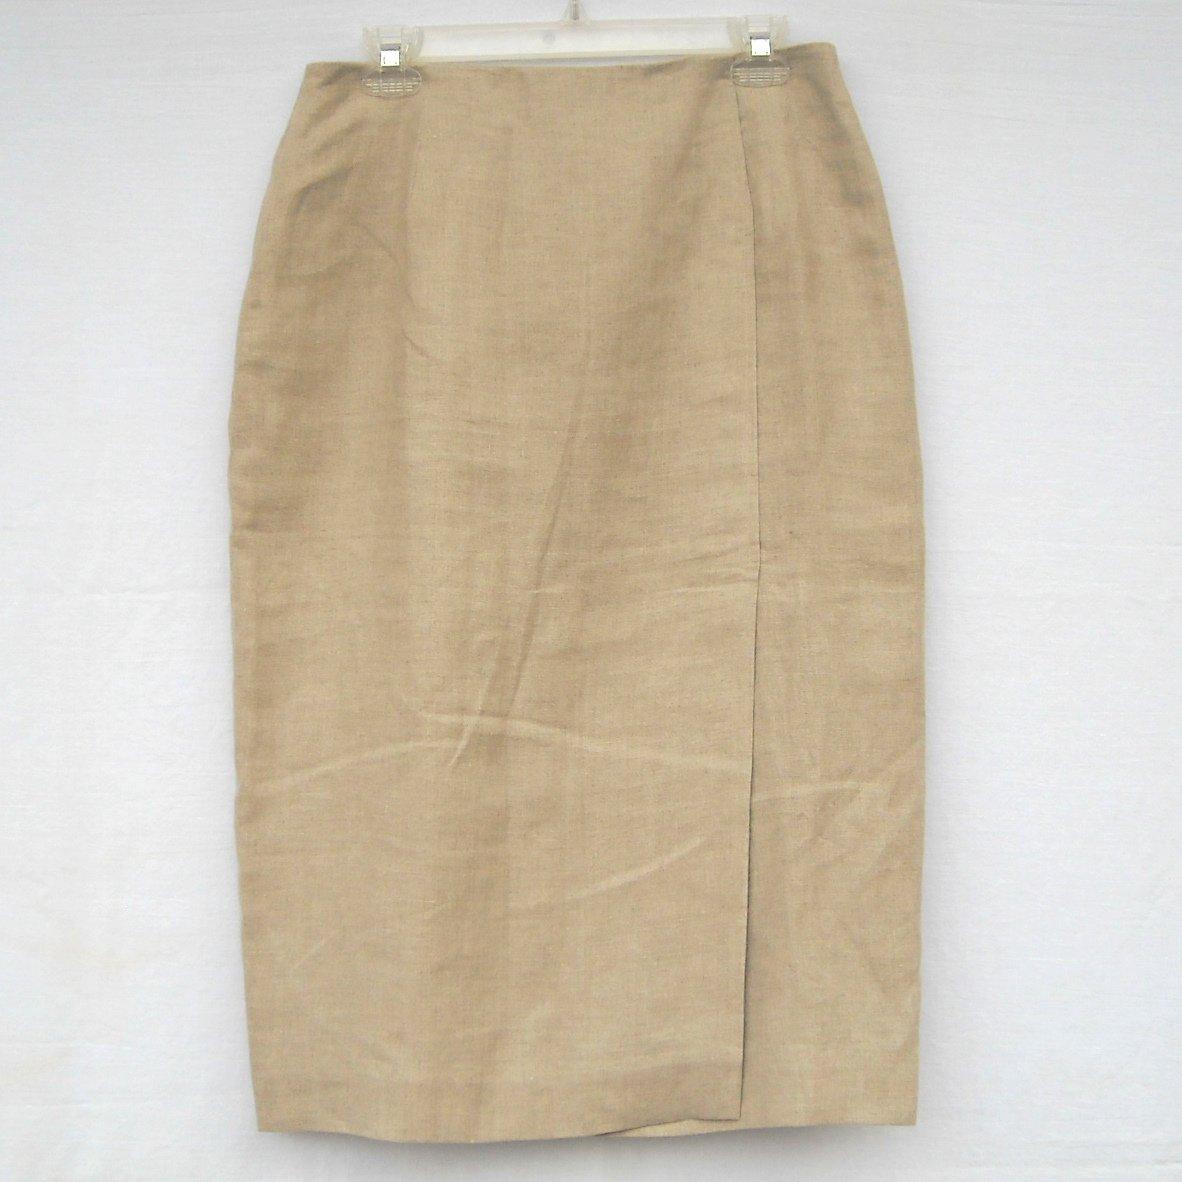 Jones New York Womens Skirt Size 14P